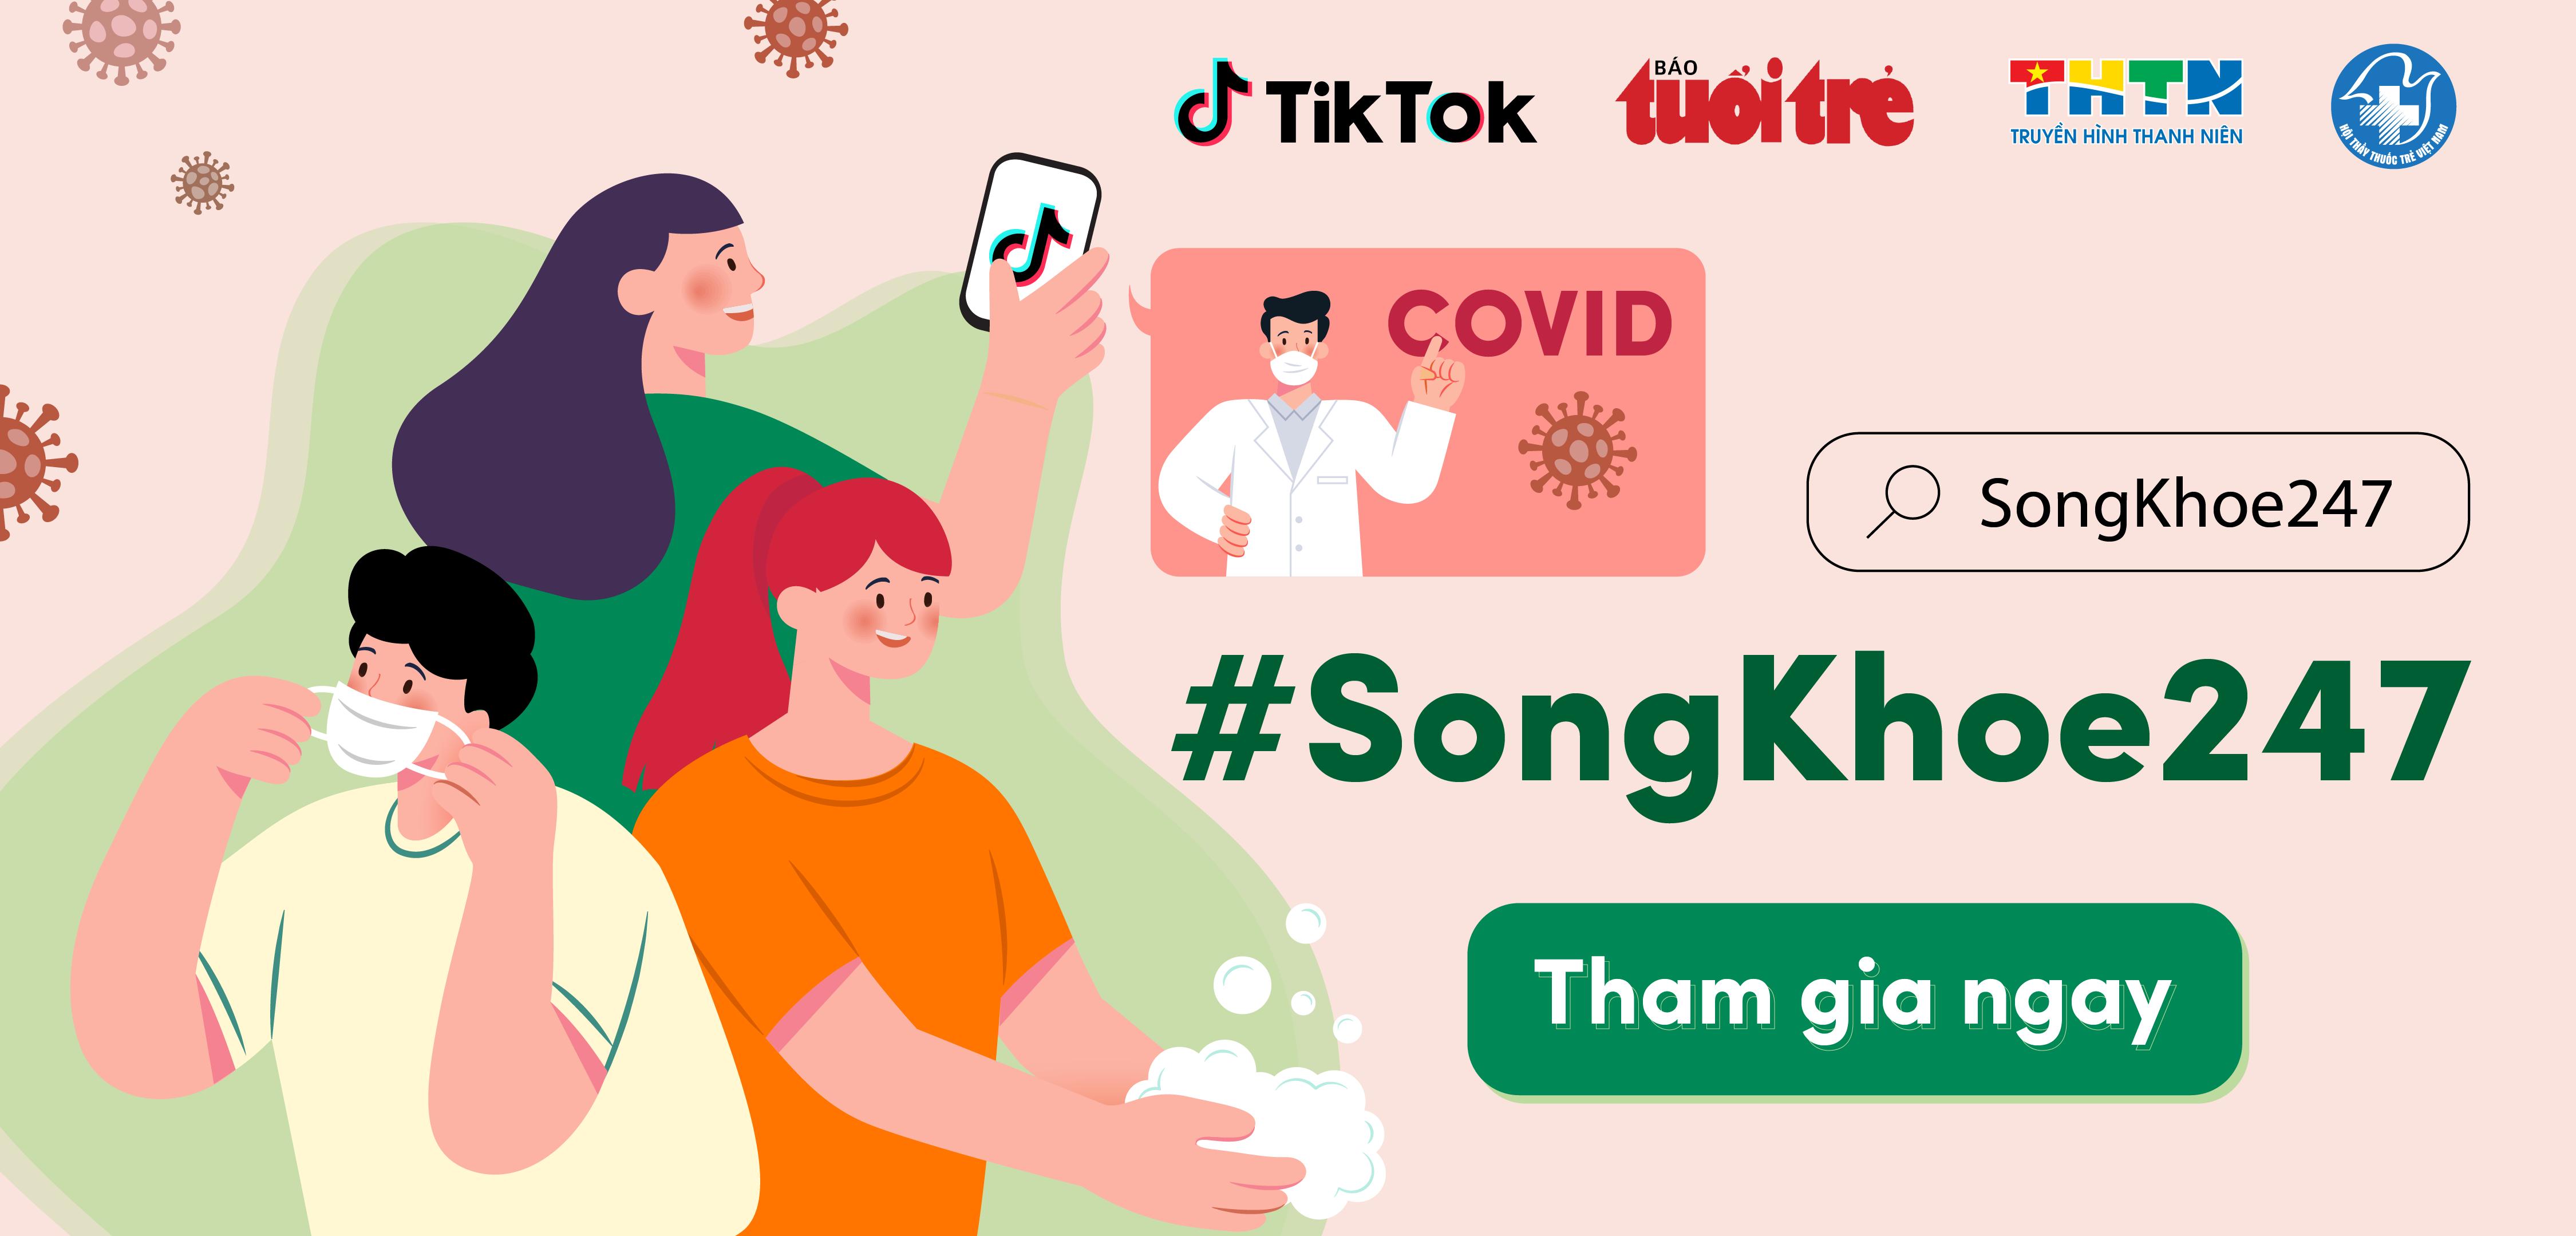 #SongKhoe247